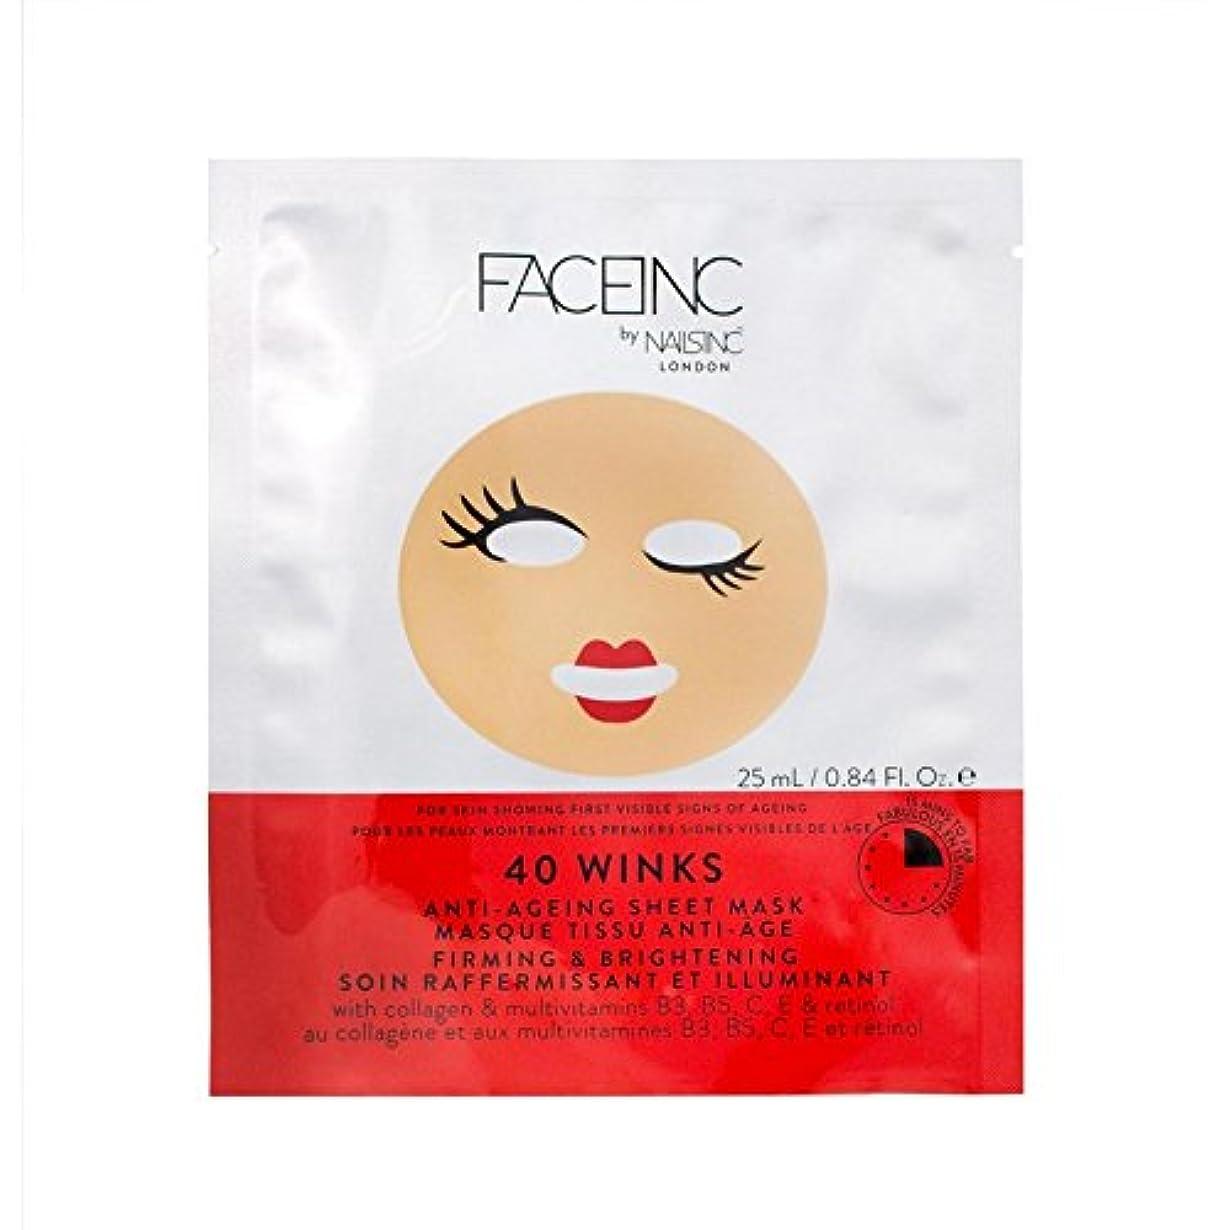 満足させる葉を集めるエキスパート爪が株式会社顔株式会社40のウィンクは、マスク x4 - Nails Inc. Face Inc 40 Winks Mask (Pack of 4) [並行輸入品]